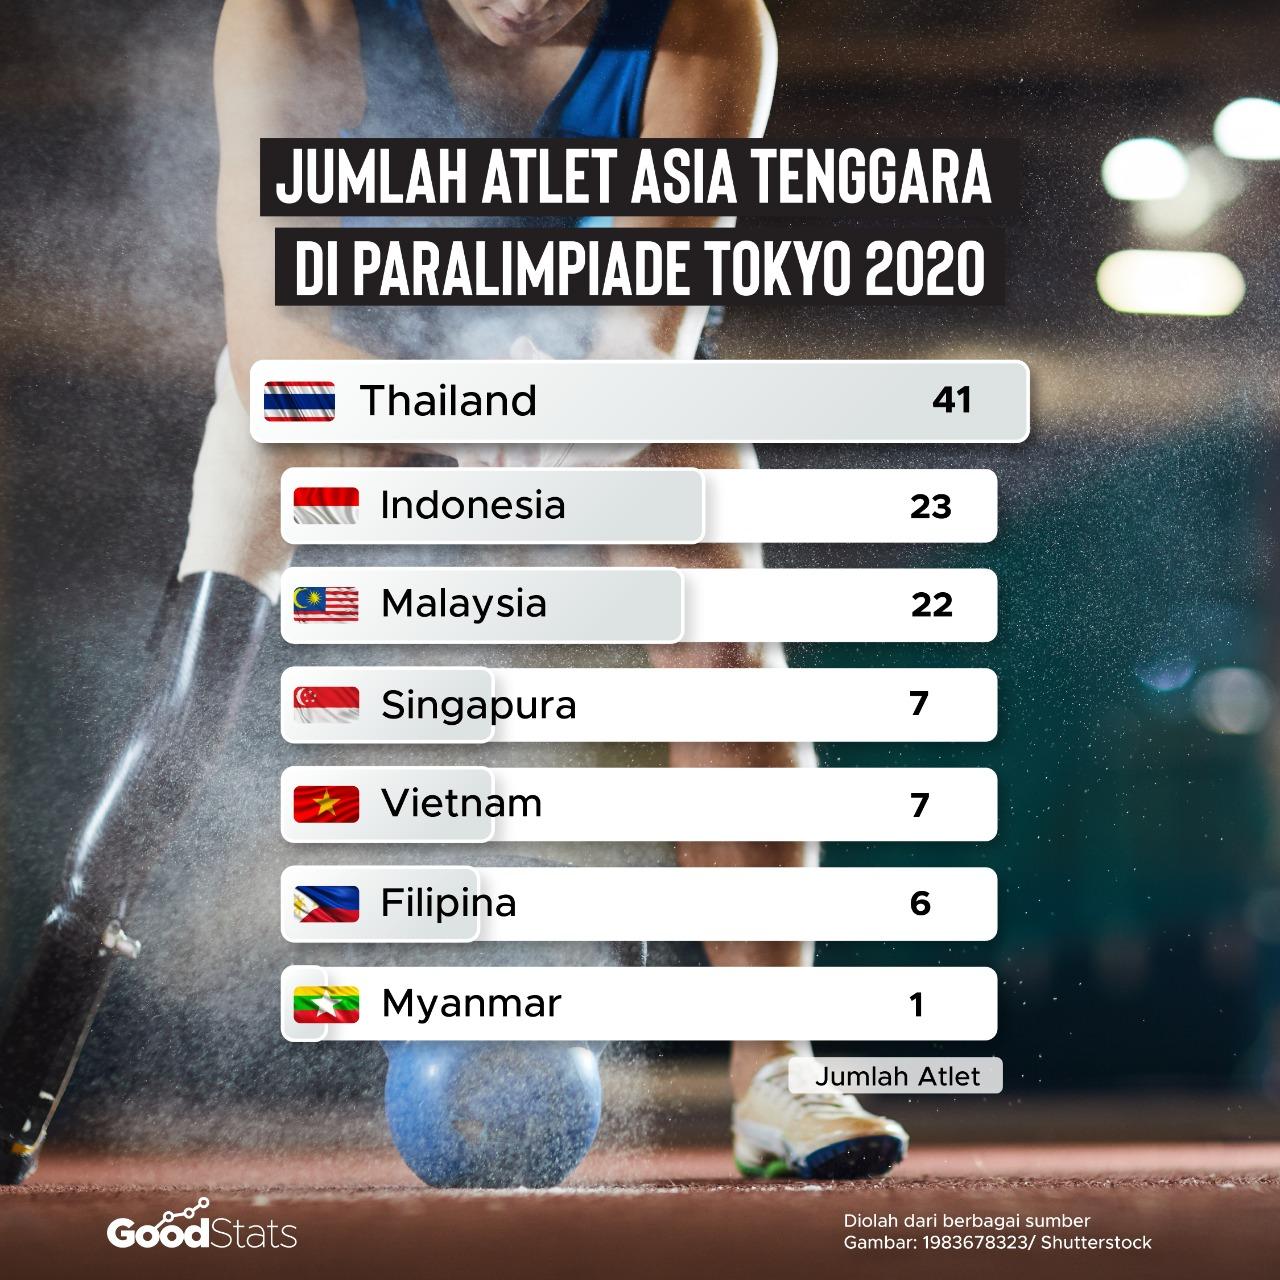 Jumlah atlet yang dikirimkan negara-negara Asia Tenggara